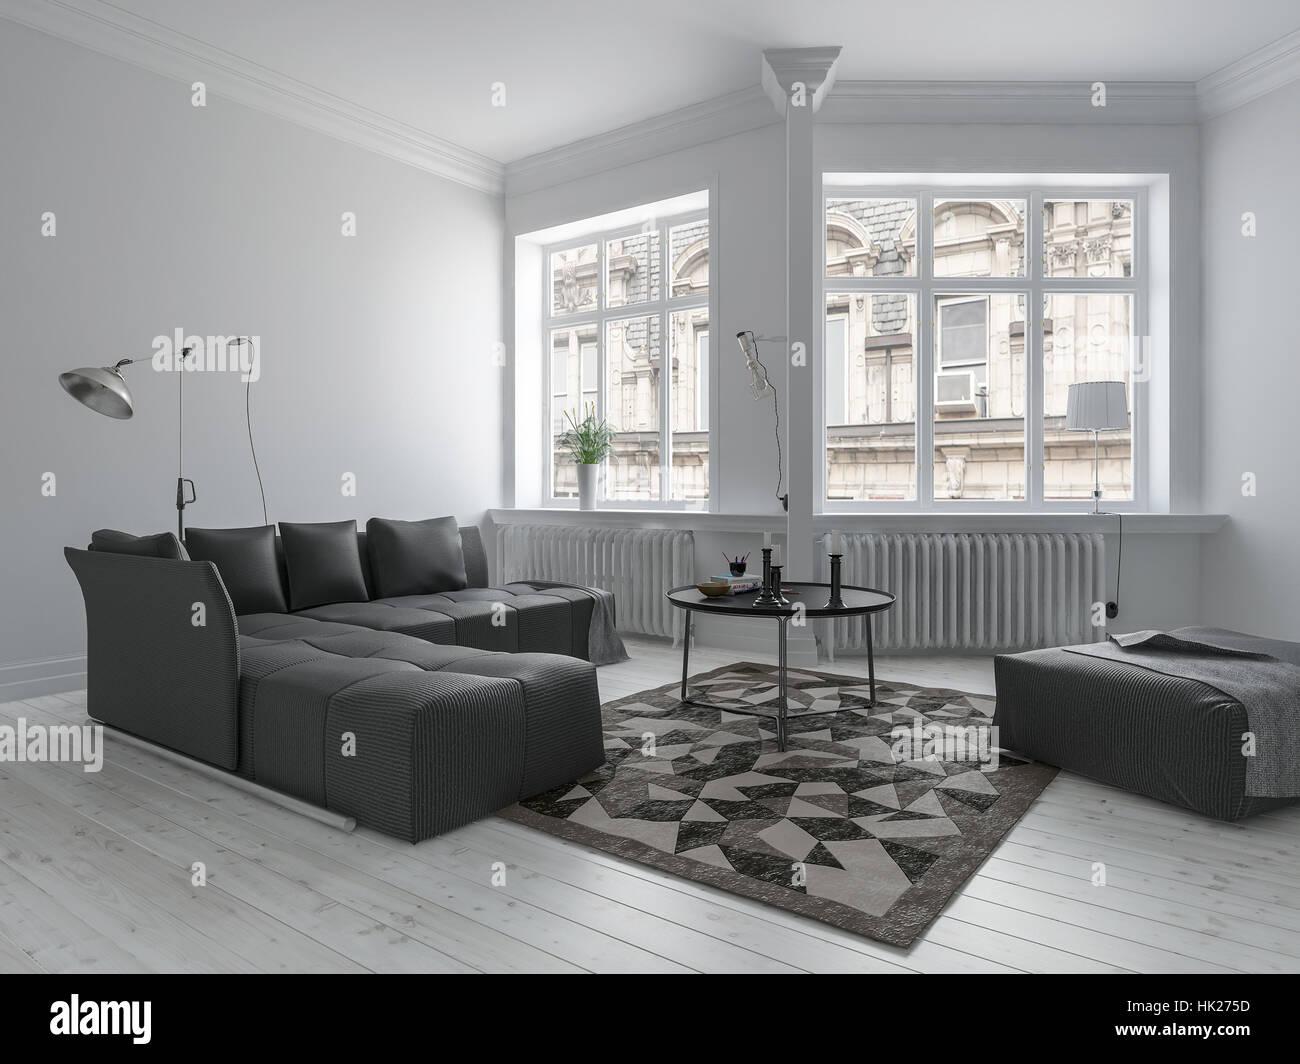 Salon Lumineux Dans Un Design Minimaliste Avec Des Murs Blancs Des